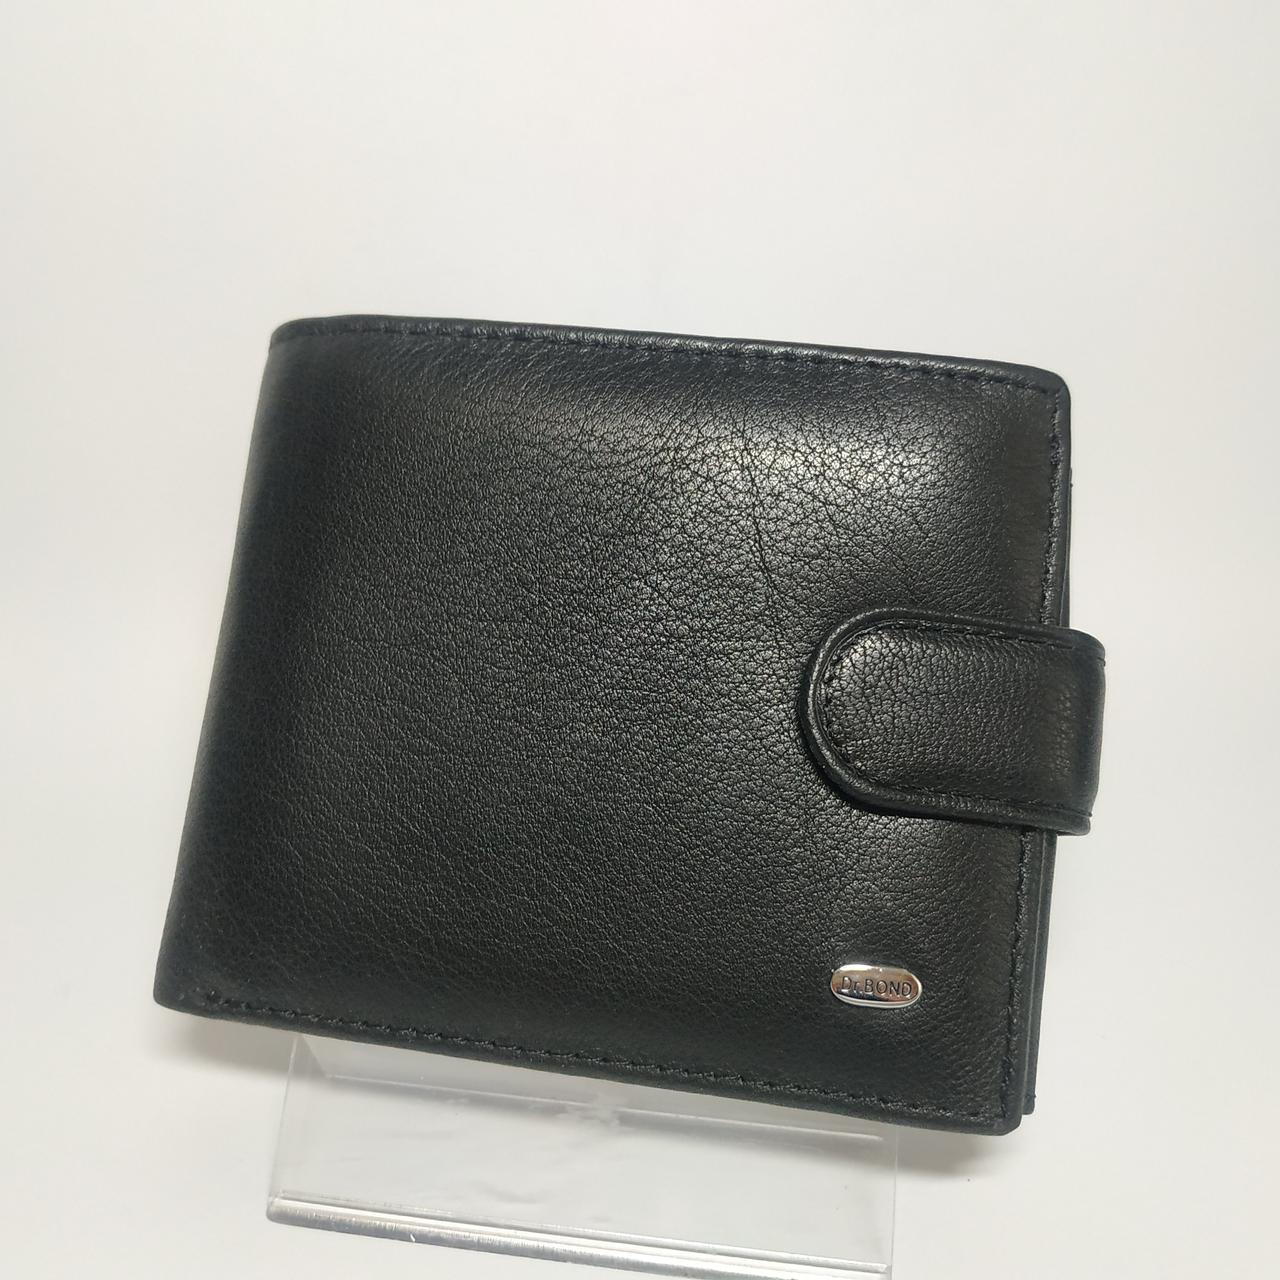 Шкіряний чоловічий гаманець / Кожаный мужской кошелек dr.BOND MS-15 Black